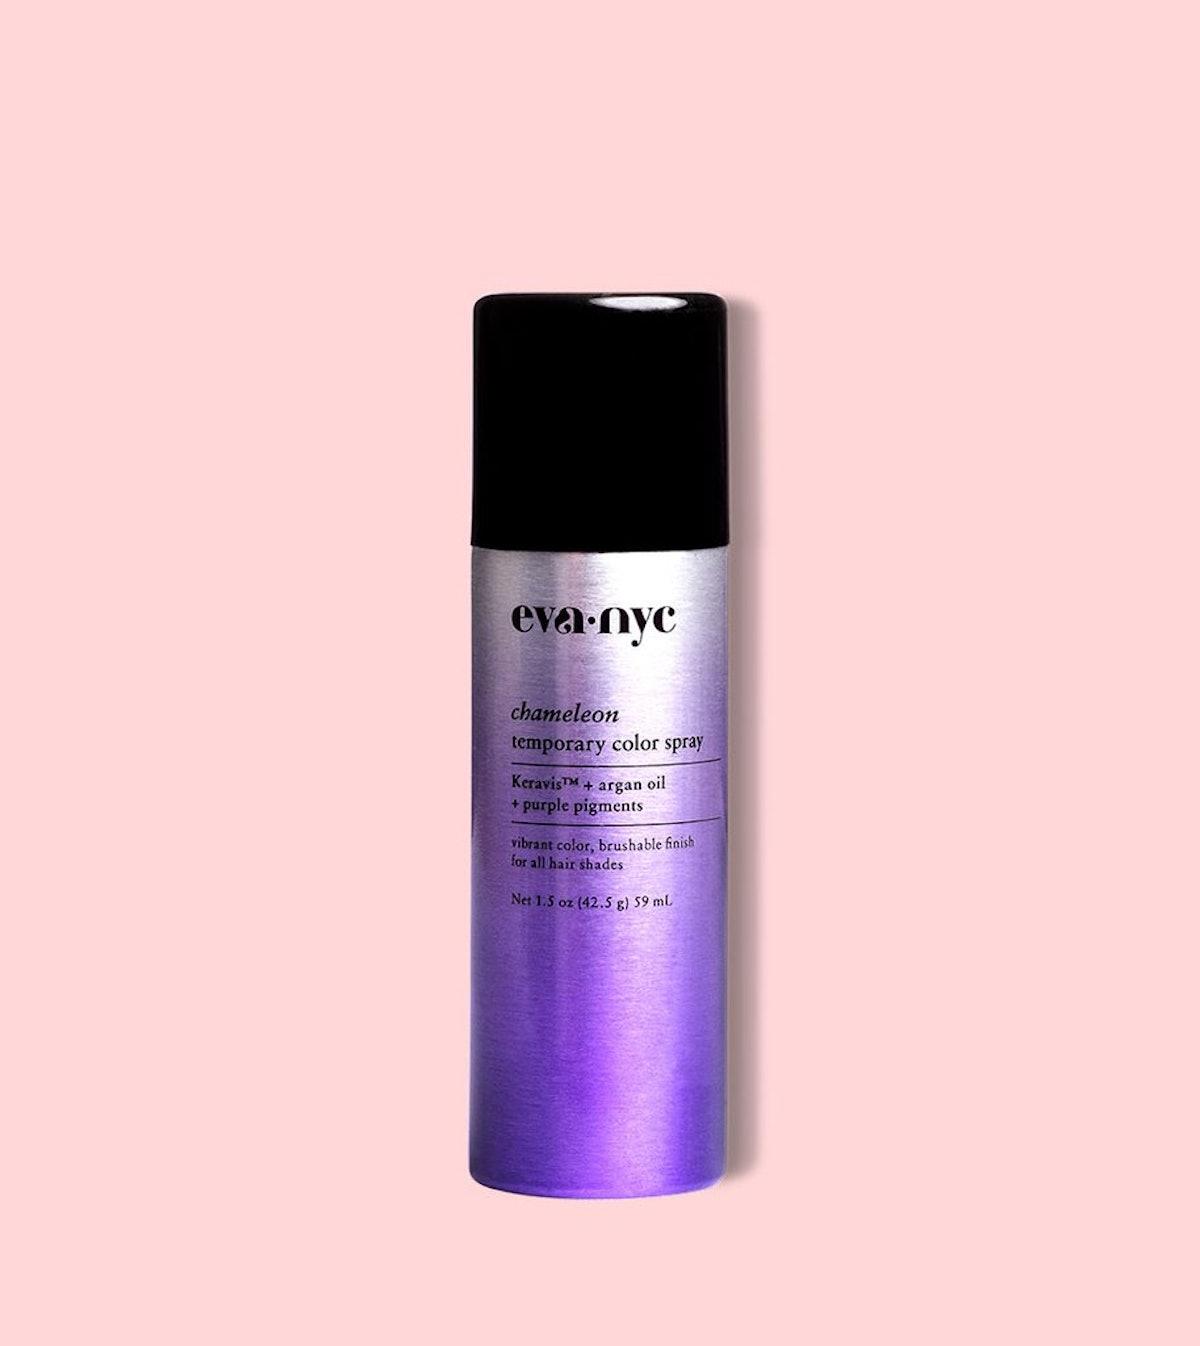 Eva NYC Chameleon Temporary Color Spray in Purple